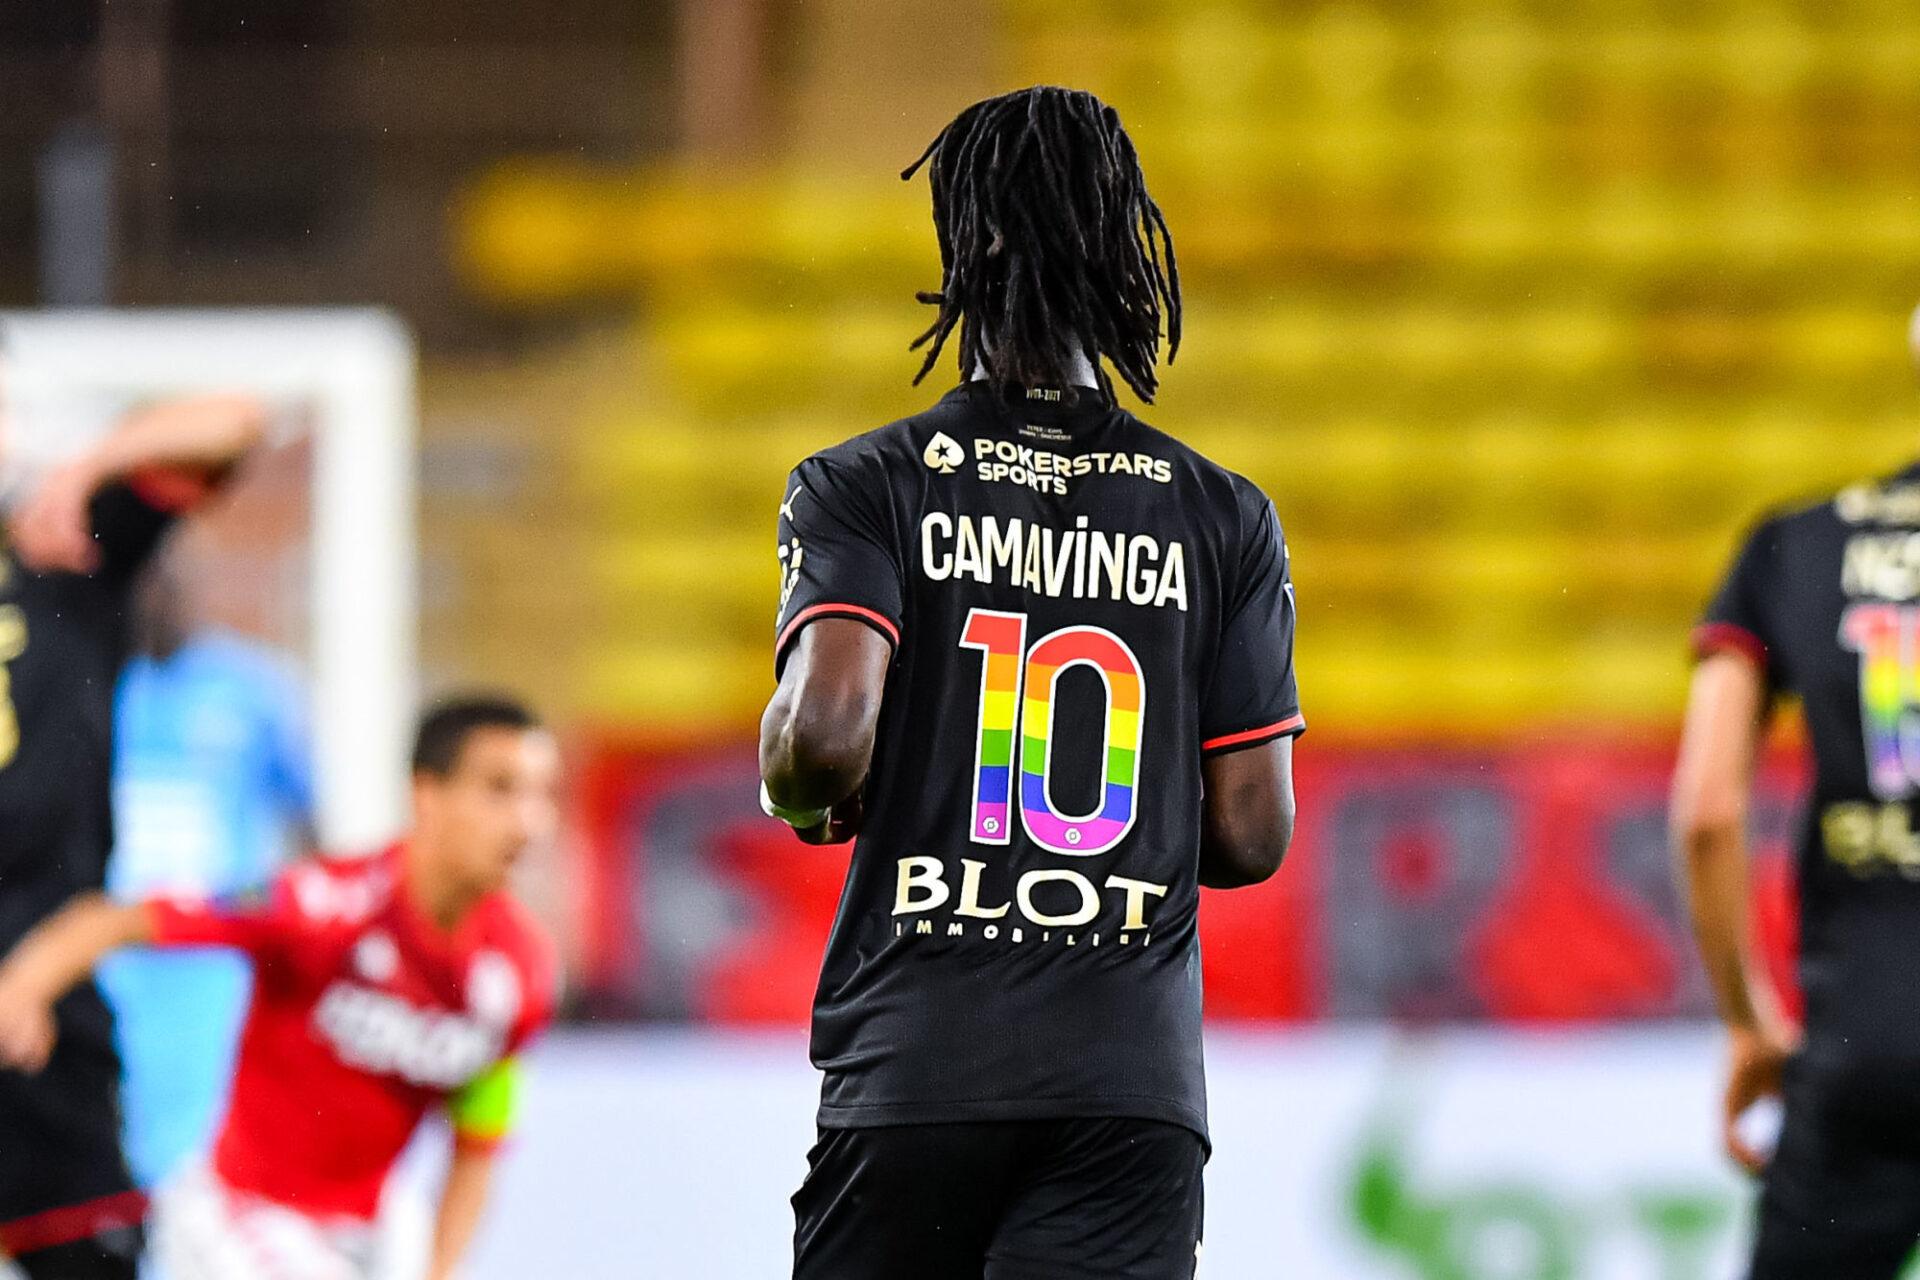 Eduardo Camavinga est prêt à tourner le dos à Rennes. Pour prendre la direction de Manchester... ou de Paris ? Icon Sport